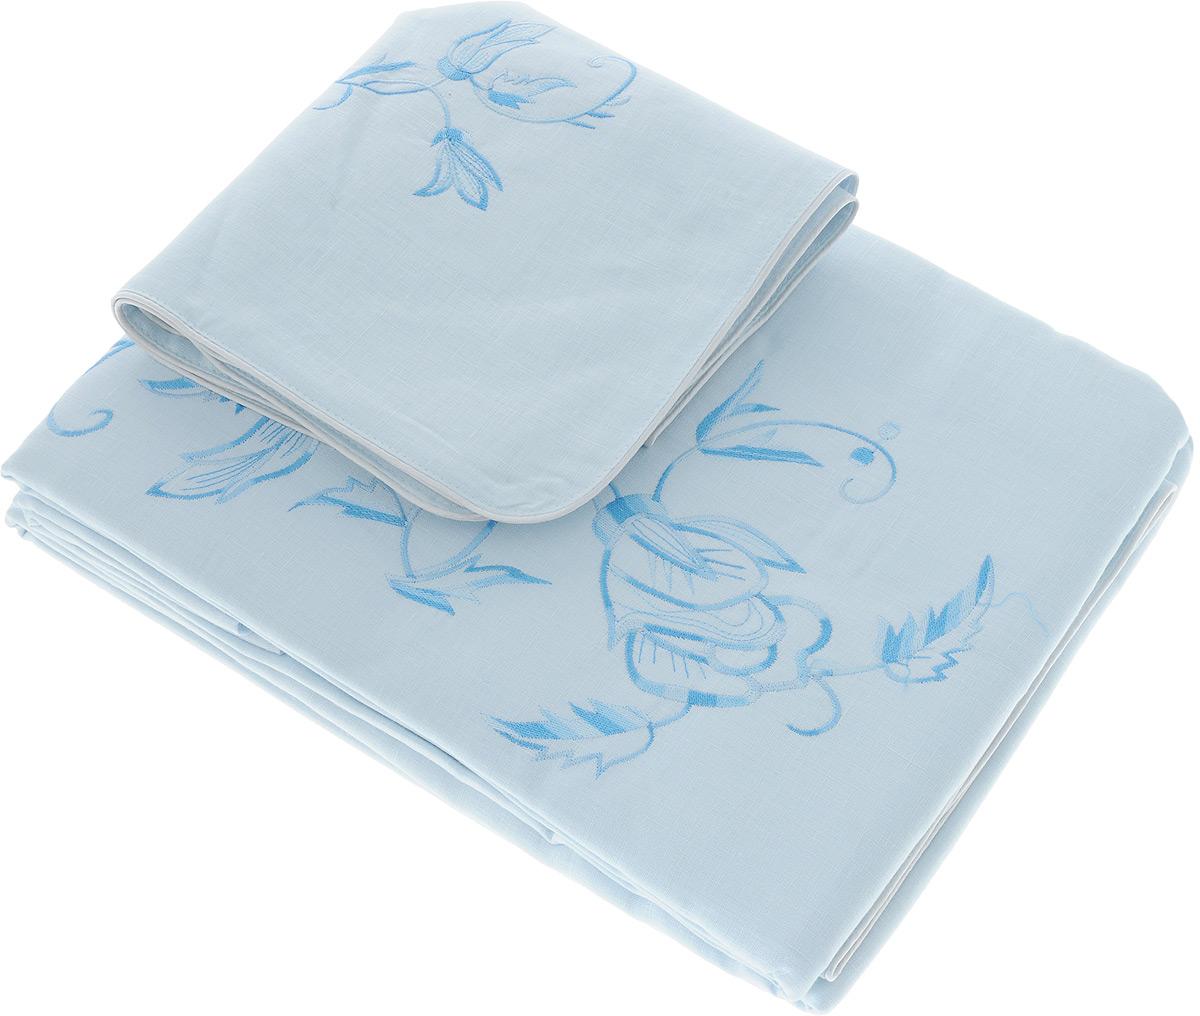 Комплект белья Гаврилов-Ямский Лен, 2-спальный, наволочки 70х70, цвет: голубой, синий5со5939_вышивка голубой,белыйКомплект постельного белья Гаврилов-Ямский Лен выполнен из 100% льна. Комплект состоит из пододеяльника, простыни и двух наволочек. Постельное белье, оформленное вышивкой и кантом, имеет изысканный внешний вид.Лен - поистине уникальный природный материал, экологичнее которого сложно придумать. Постельное белье из льнадаст вам ощущение прохлады в жаркую ночь и согреет в холода.Приобретая комплект постельного белья Гаврилов-Ямский Лен, вы можете быть уверены в том, что покупка доставит вам и вашим близким удовольствие и подарит максимальный комфорт.